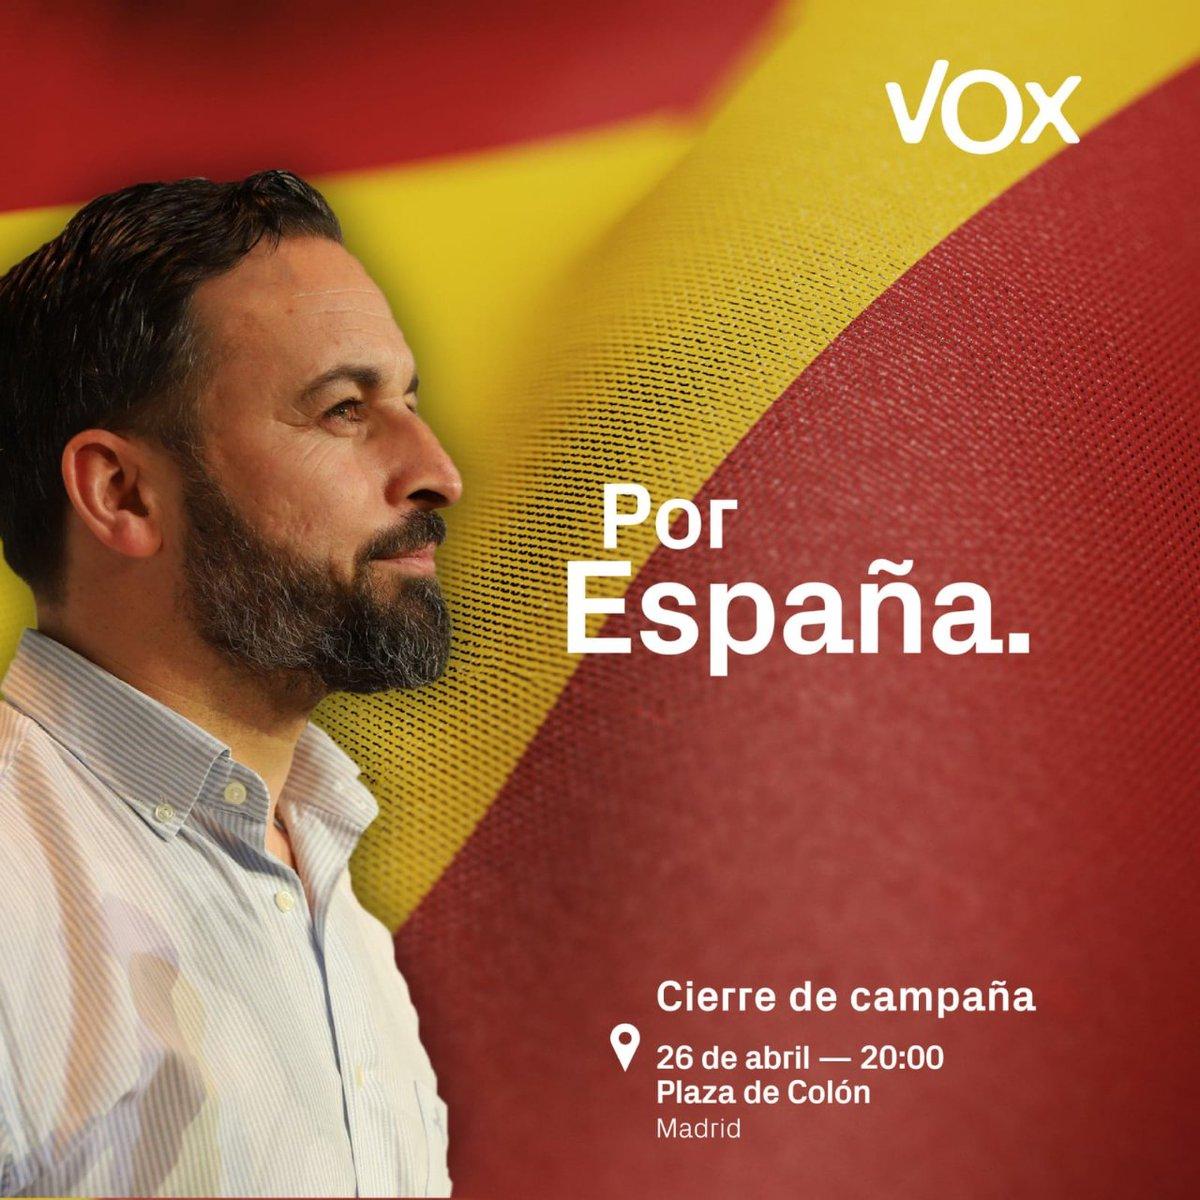 #ElVerdaderoDebate.sera este 26 de abril.gran cierre de campaña de nuestro presidente .Santiago Abascal  #PorEspaña  #VoxExtremaNecesidad  #UneteAlaResiistencia #UneteAVox💚💚💚 https://t.co/OviNwnagIu